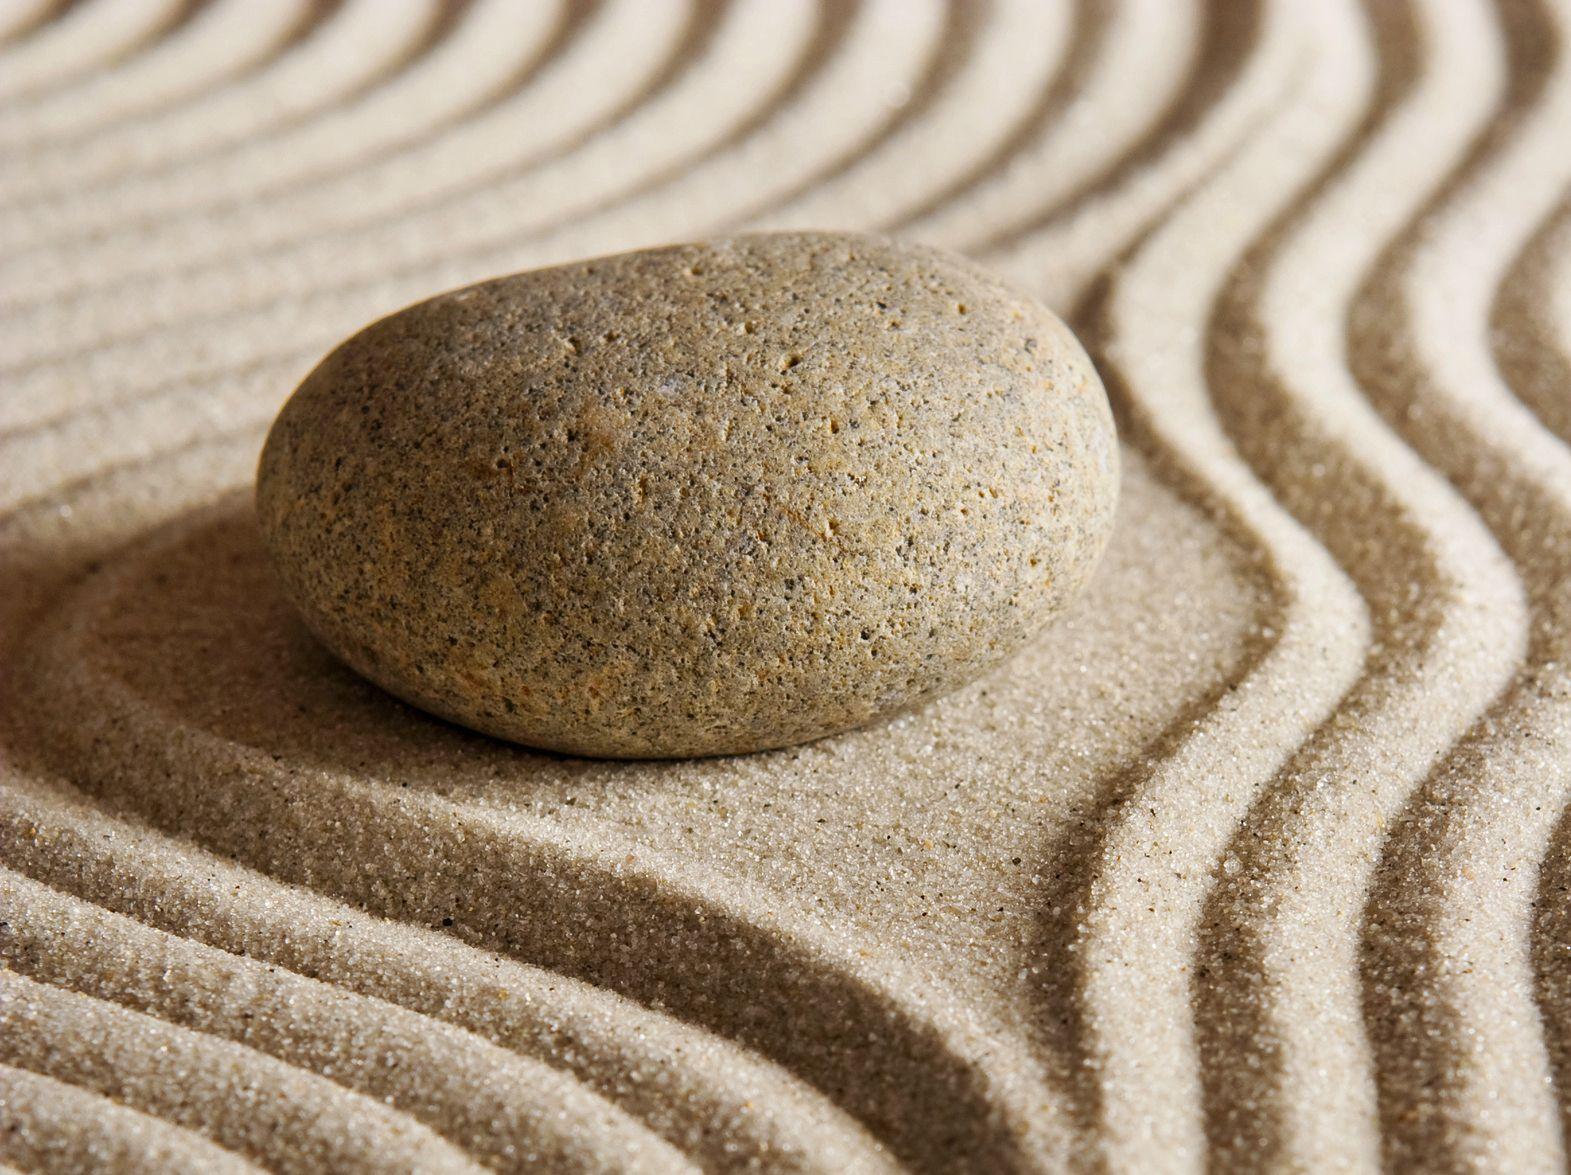 Zen Sand Wallpapers - Top Free Zen Sand Backgrounds